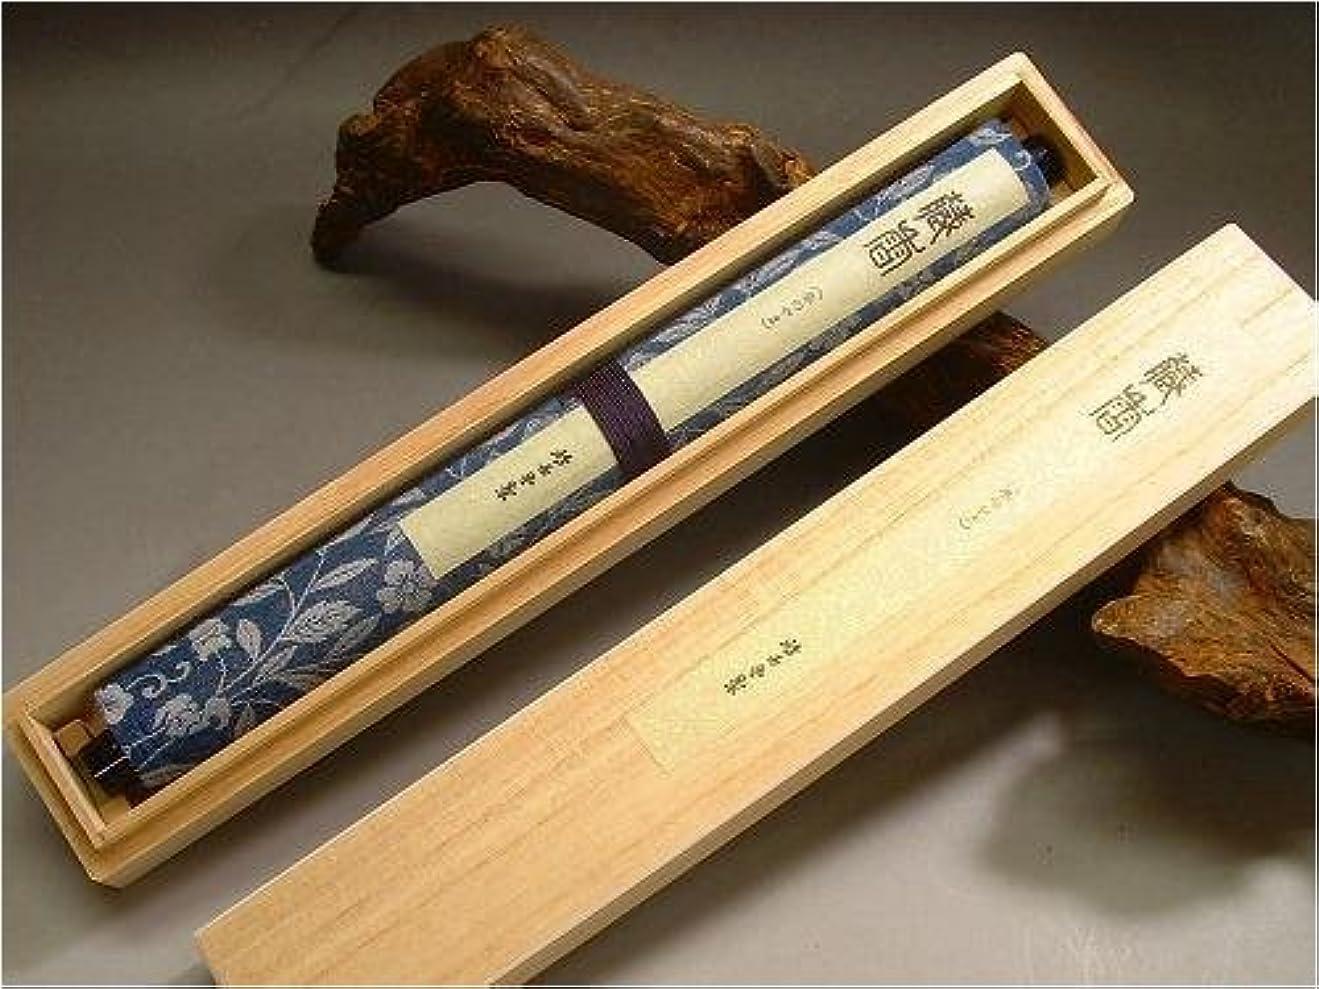 すきロビー王位鳩居堂のお線香 春のやま 桐箱 経巻形ケース 1把入 25cm #133